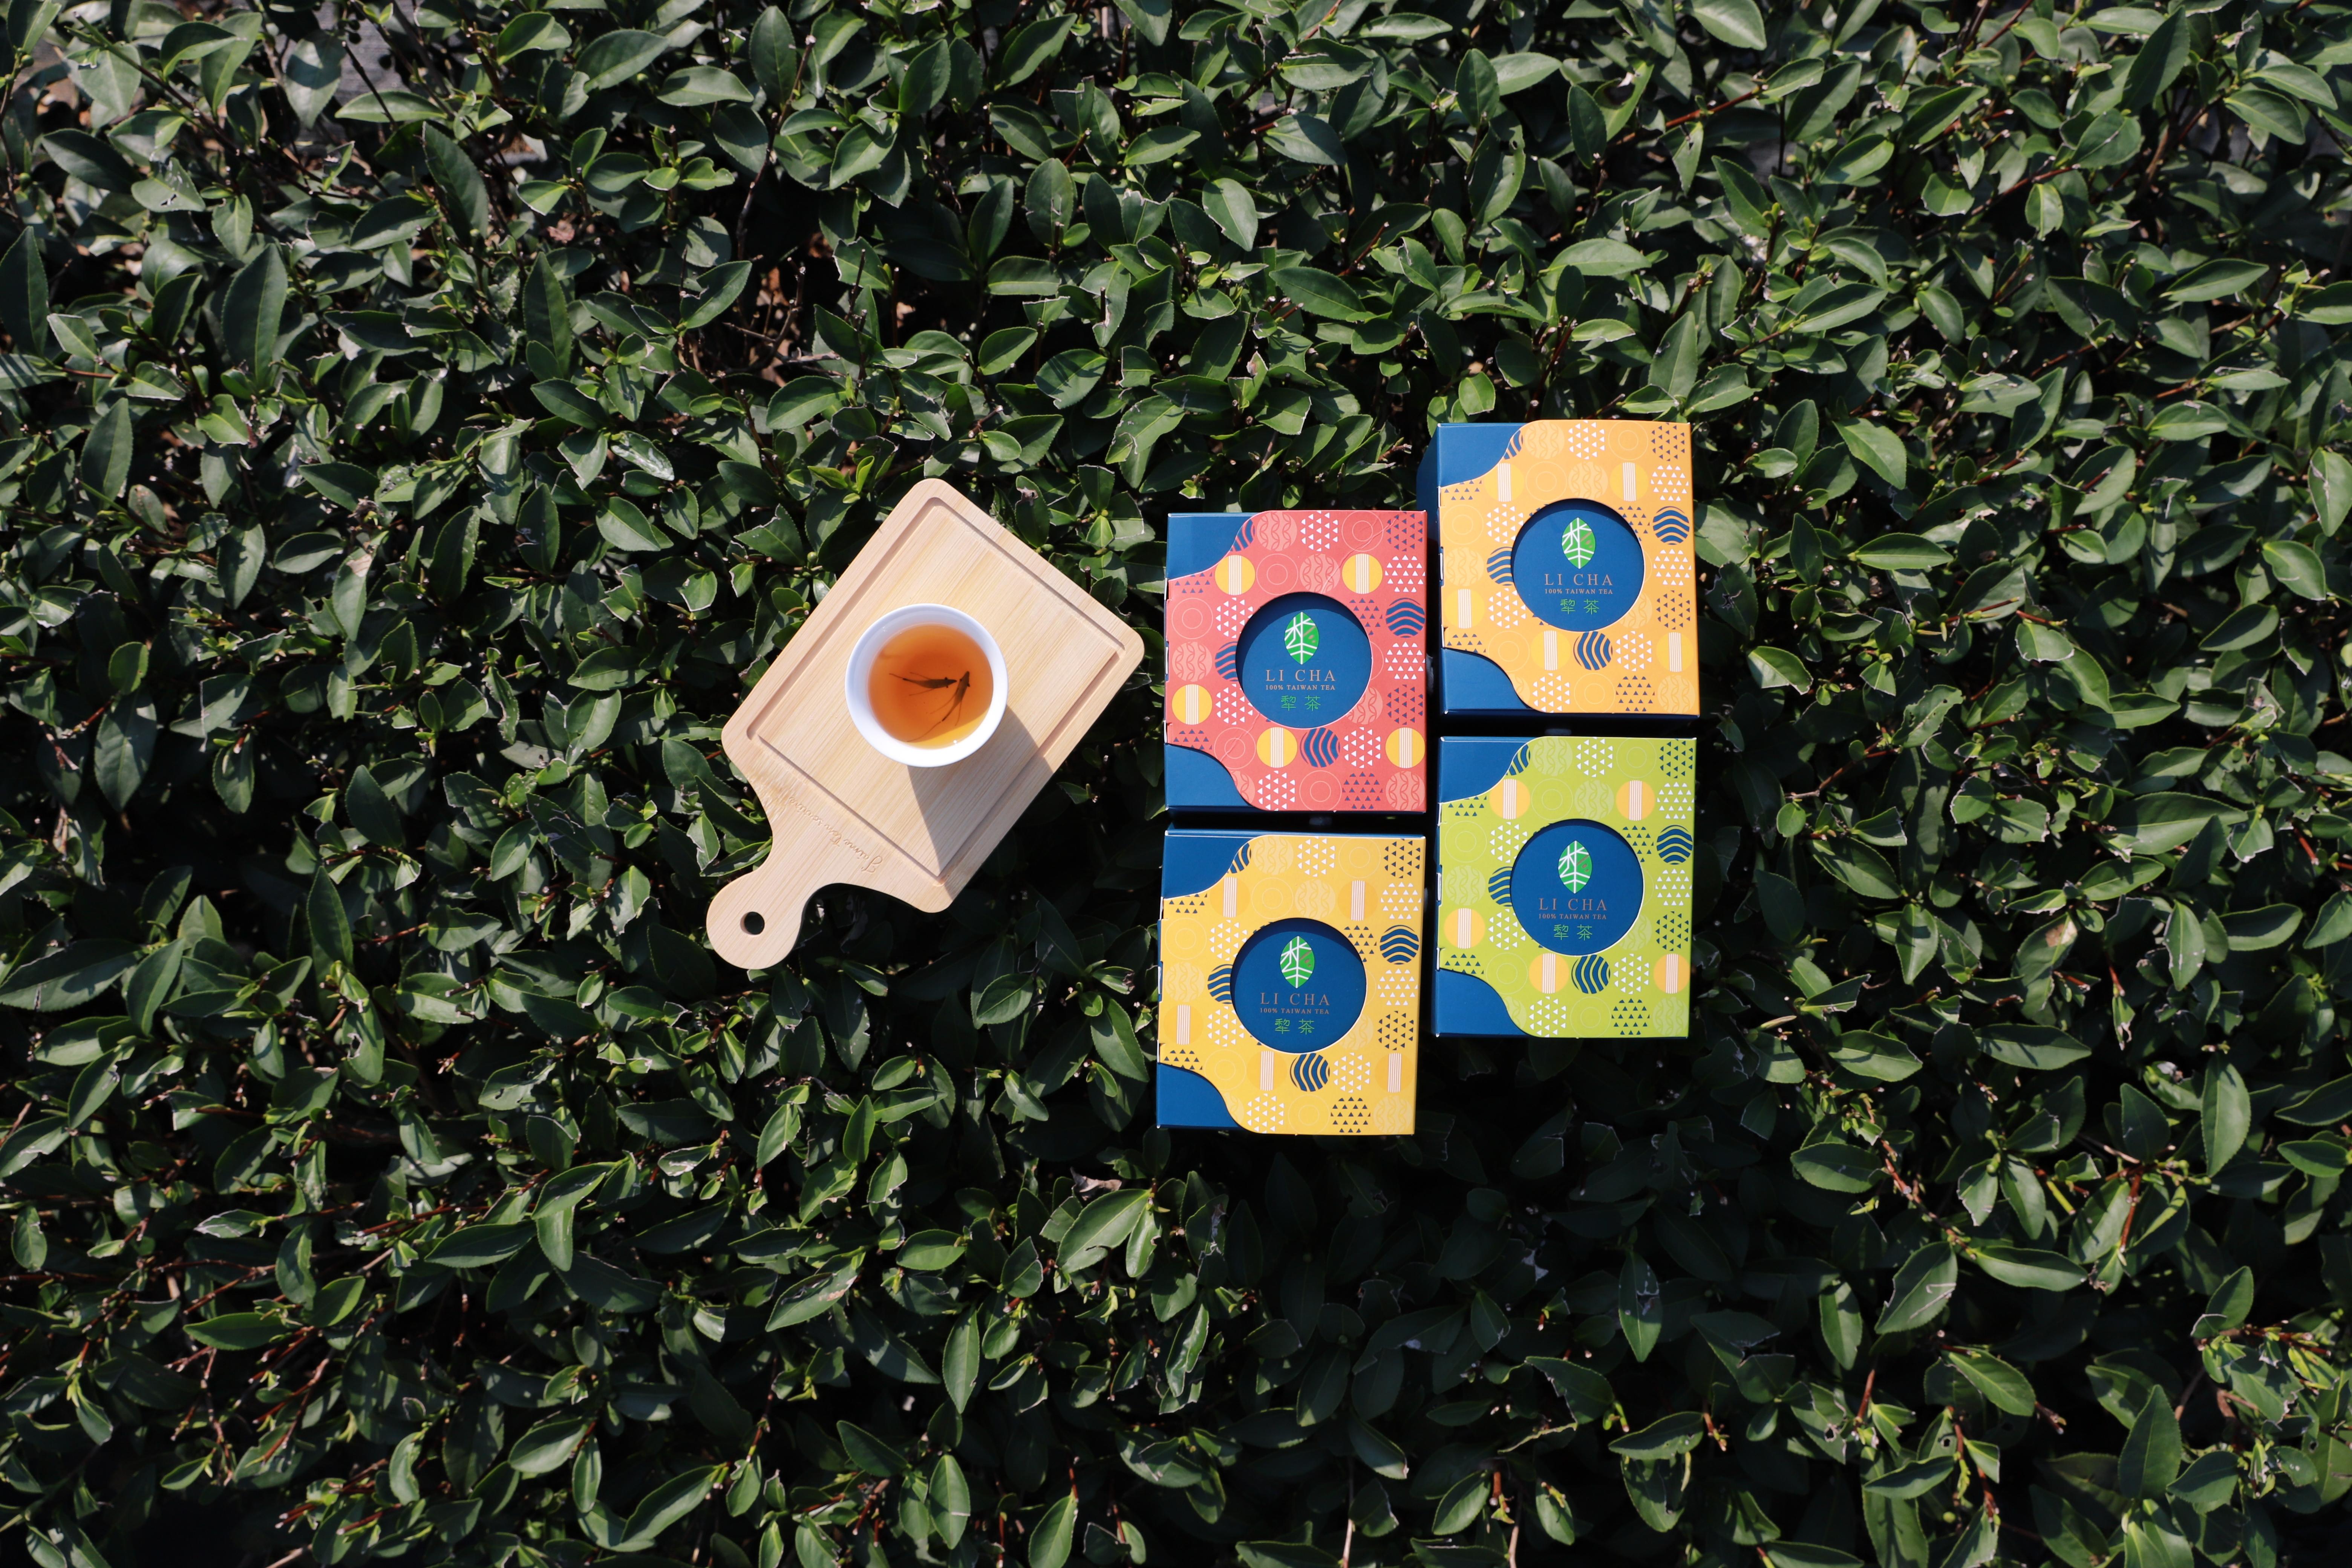 犁茶品記-犁茶系列